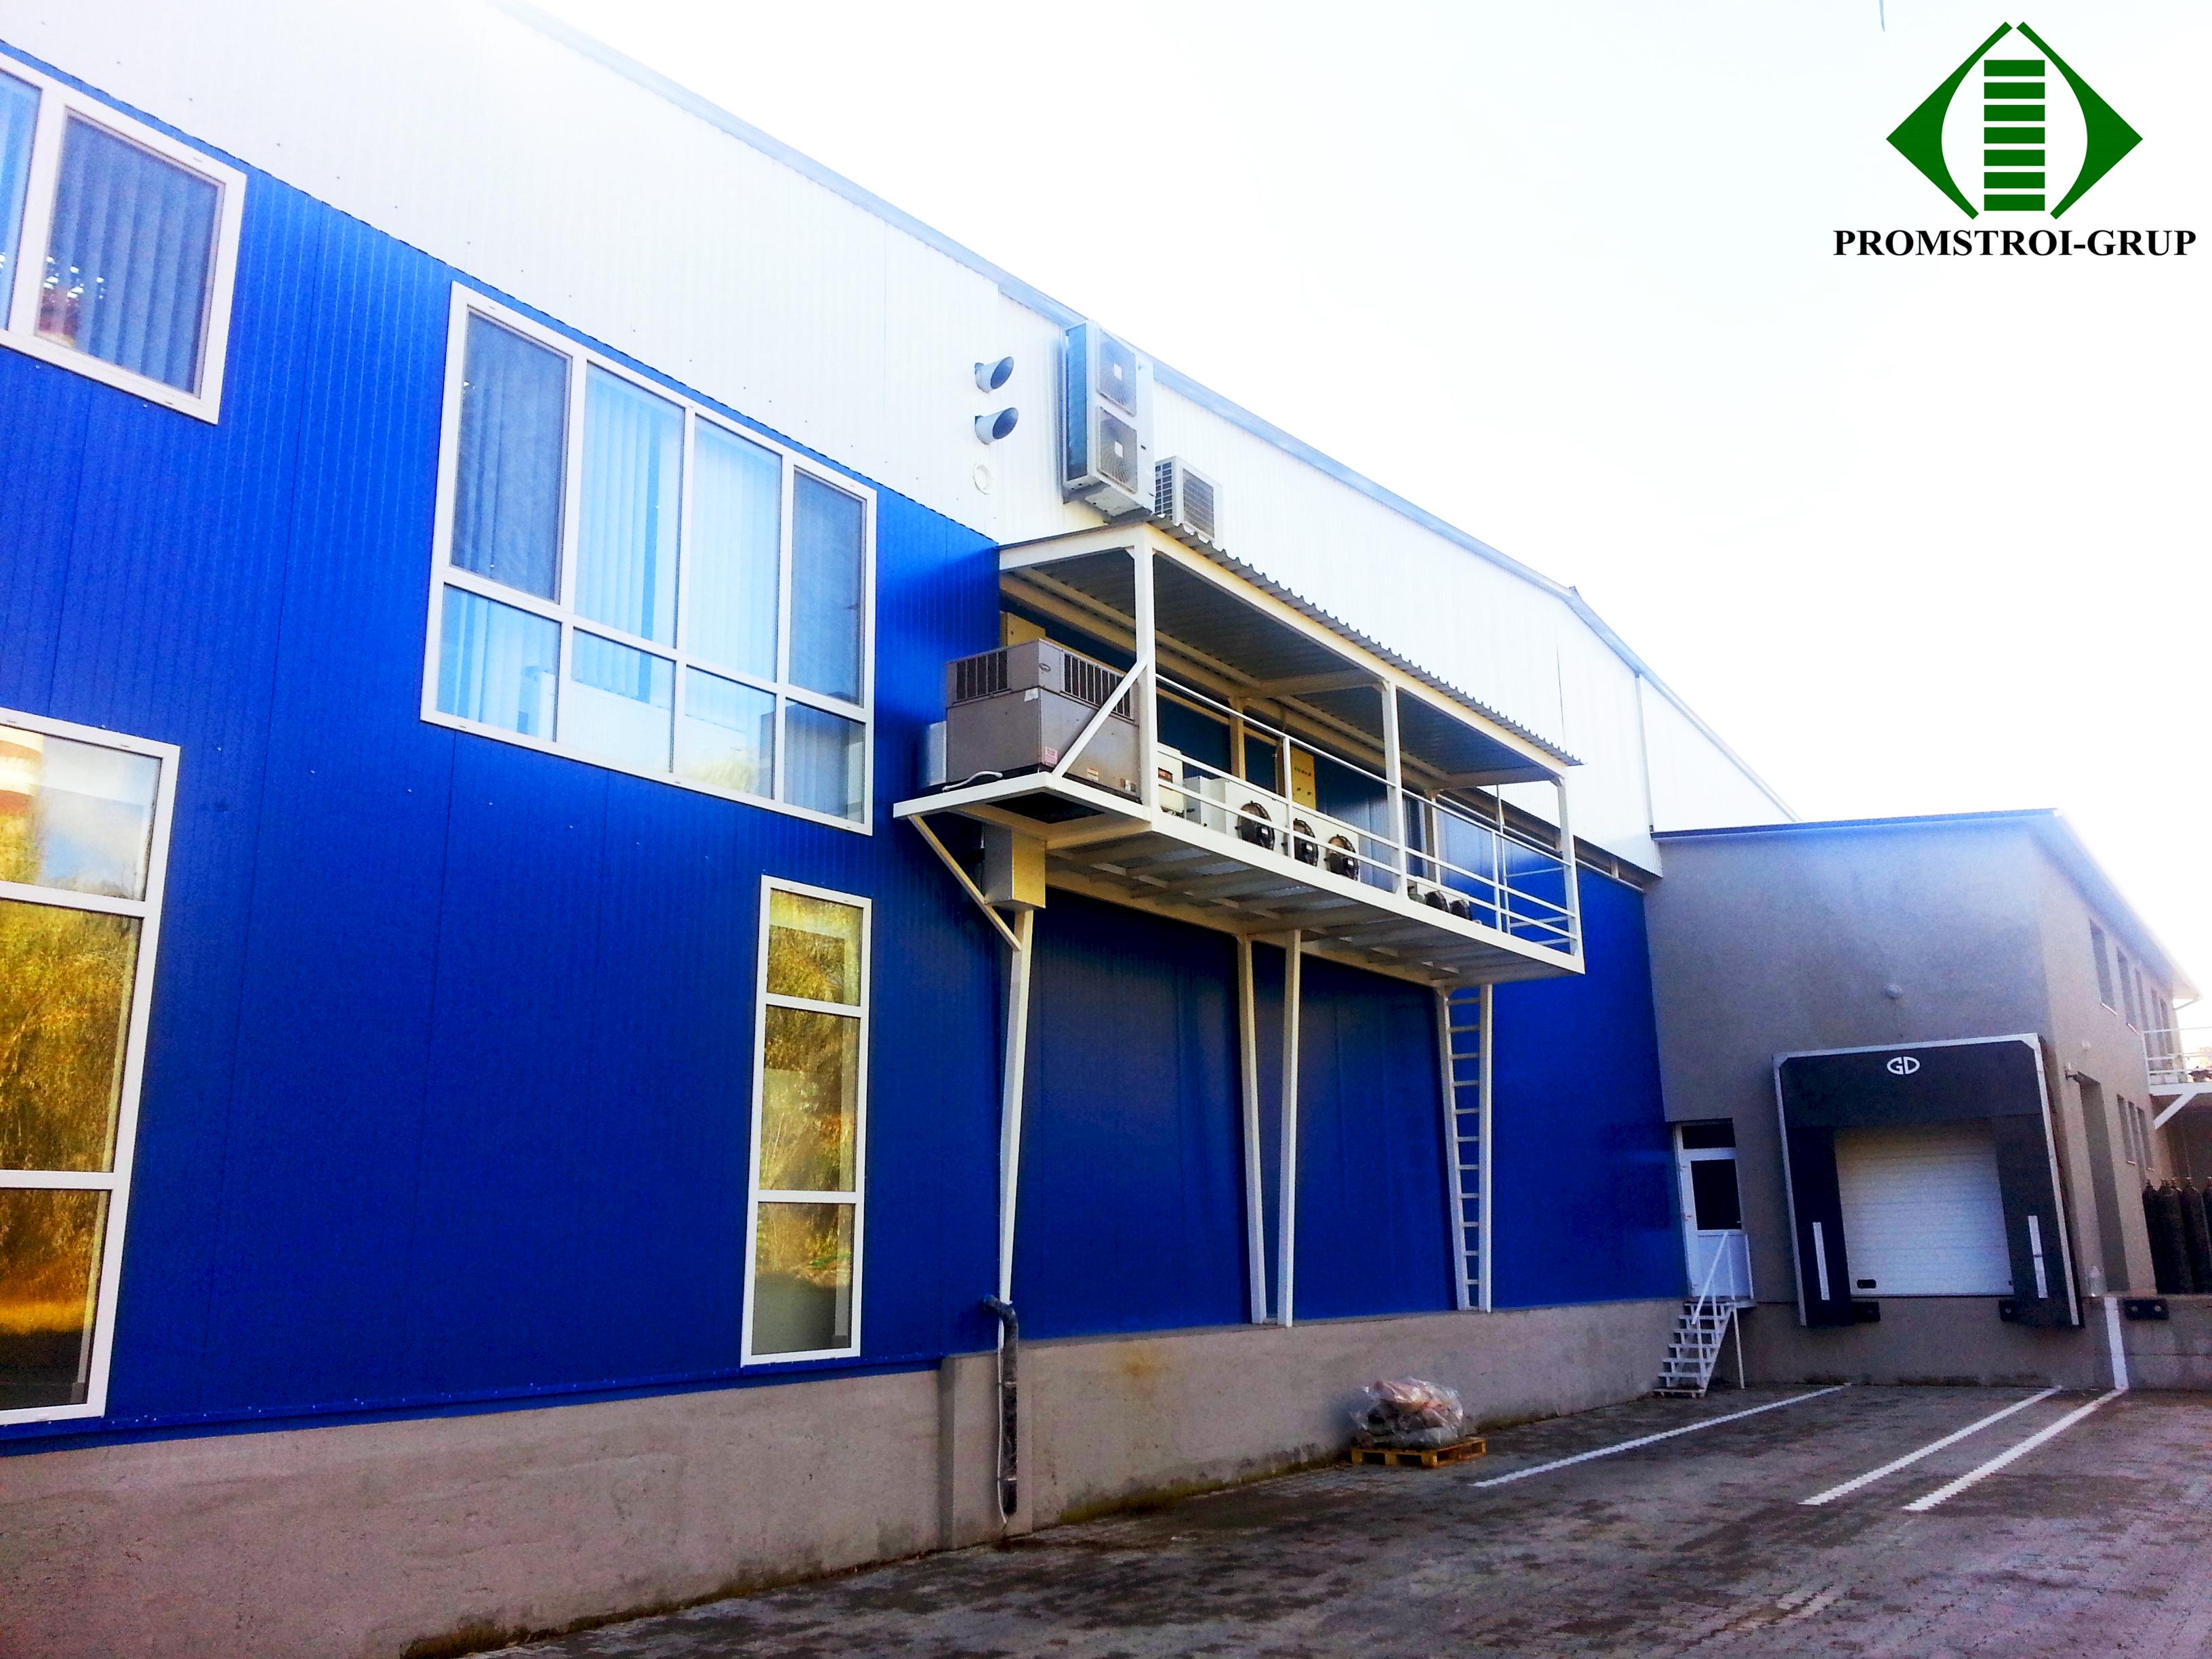 Морозильный склад, холодильники компании Skynet, Кишинев, ул. Транснистрия, 6. Г